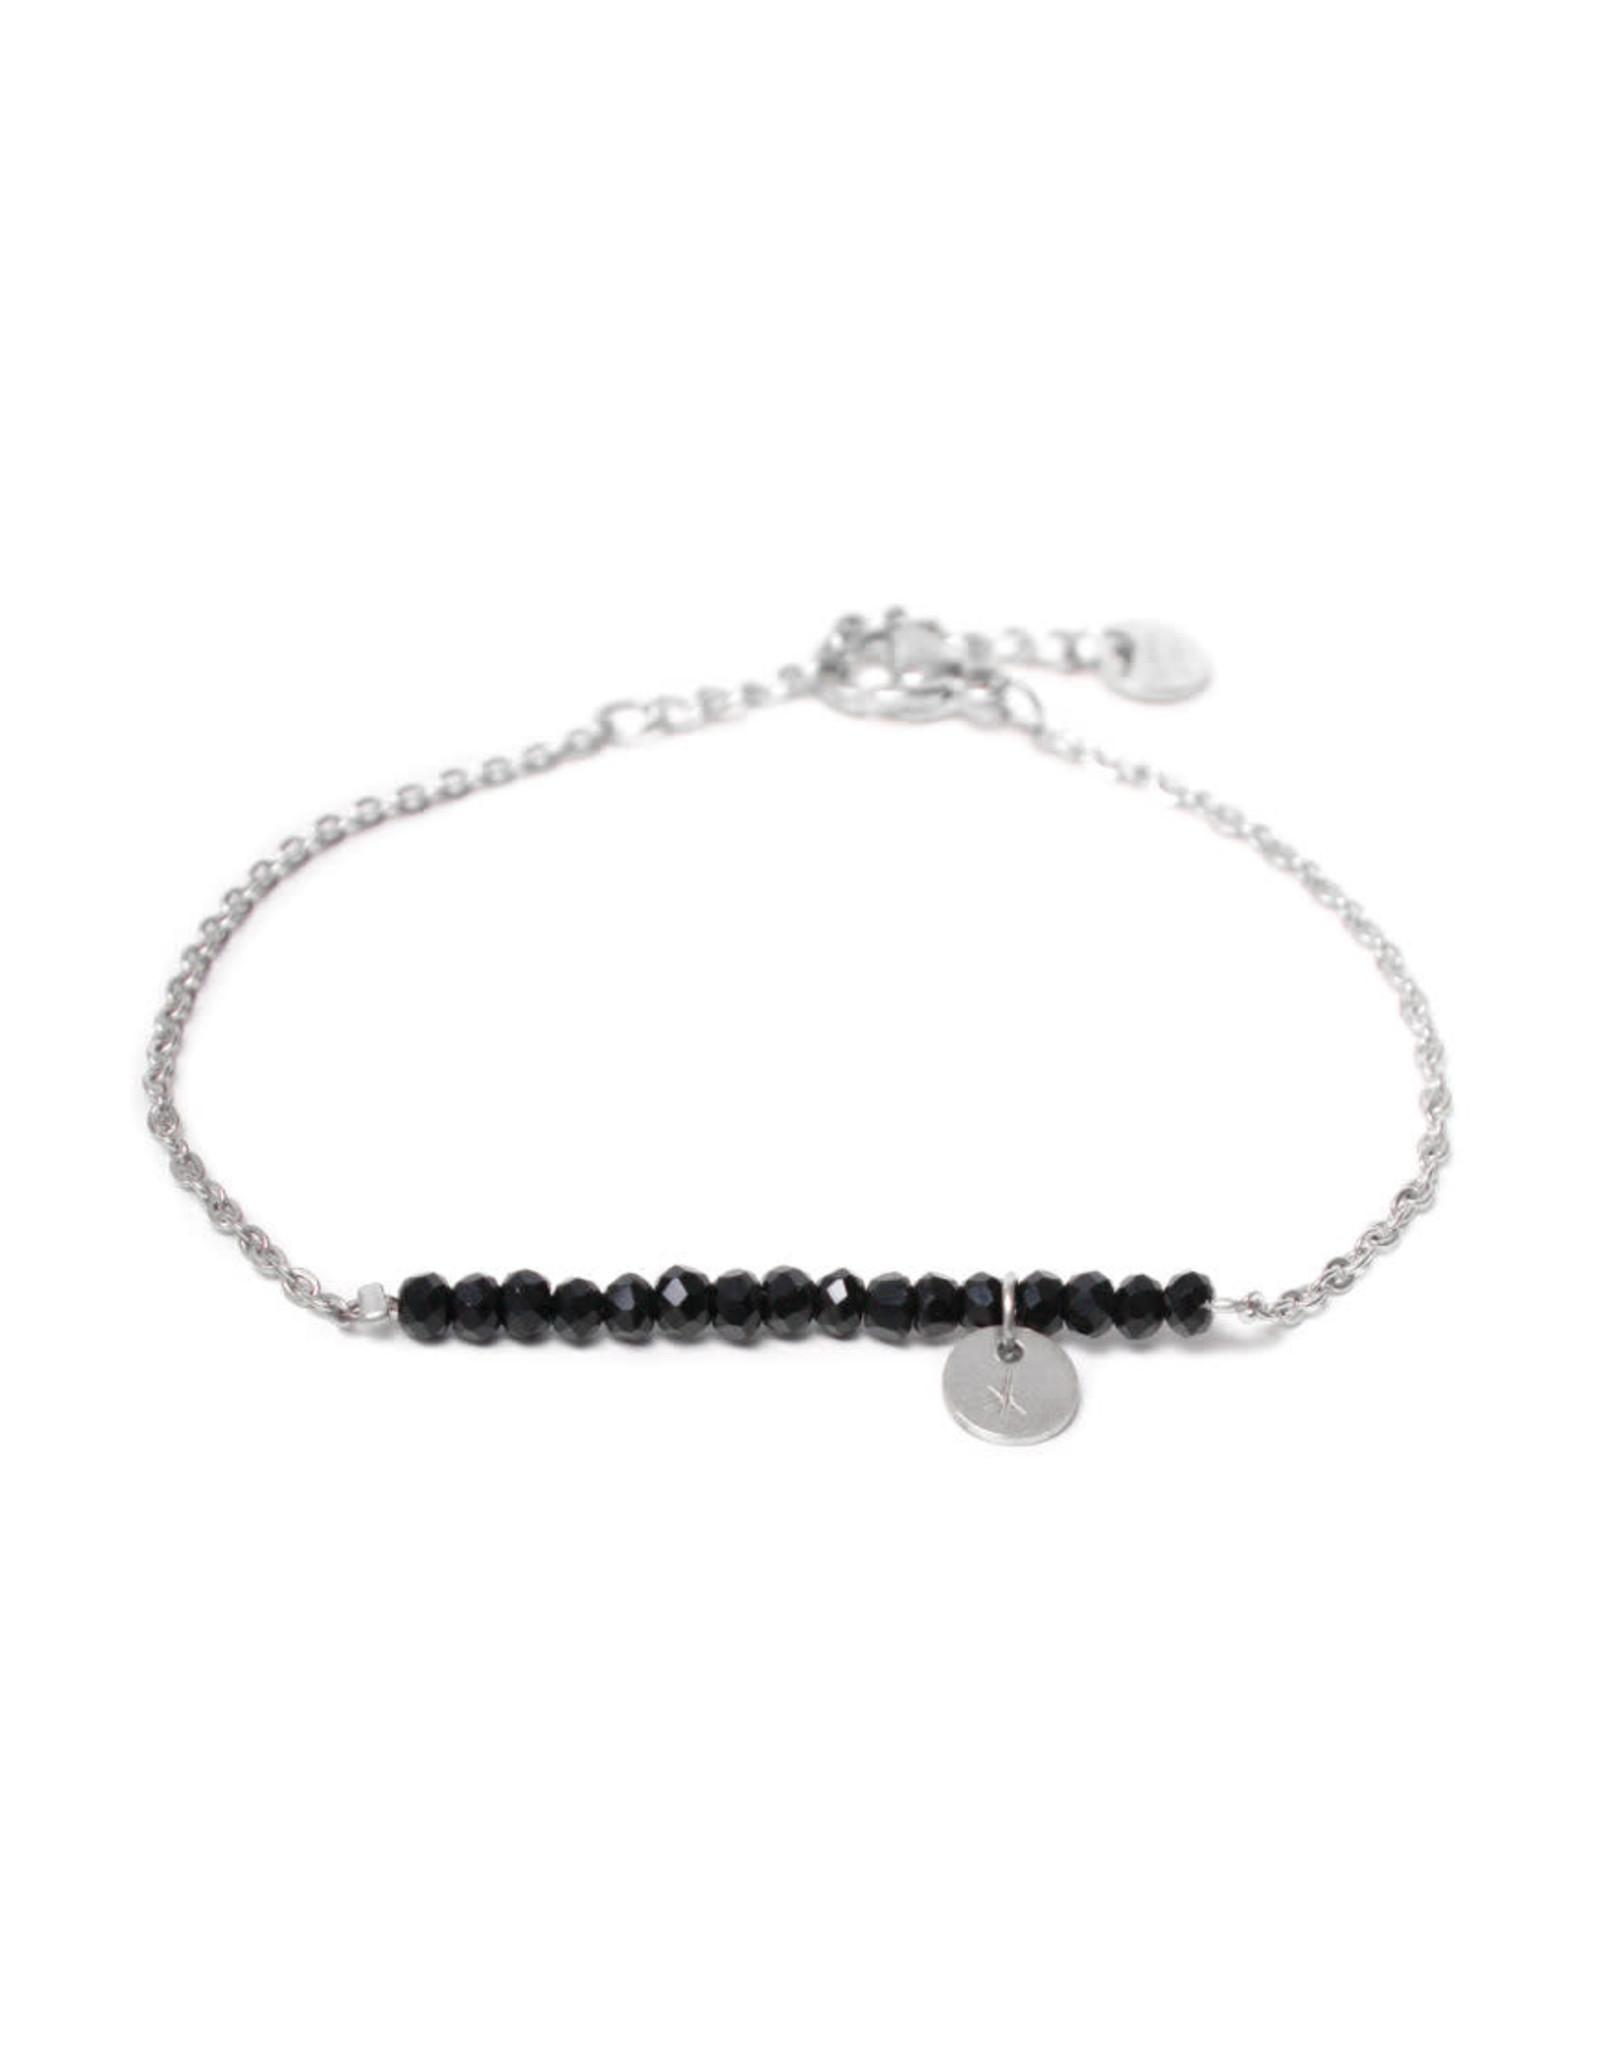 Label kiki label kiki bracelet black stone silver